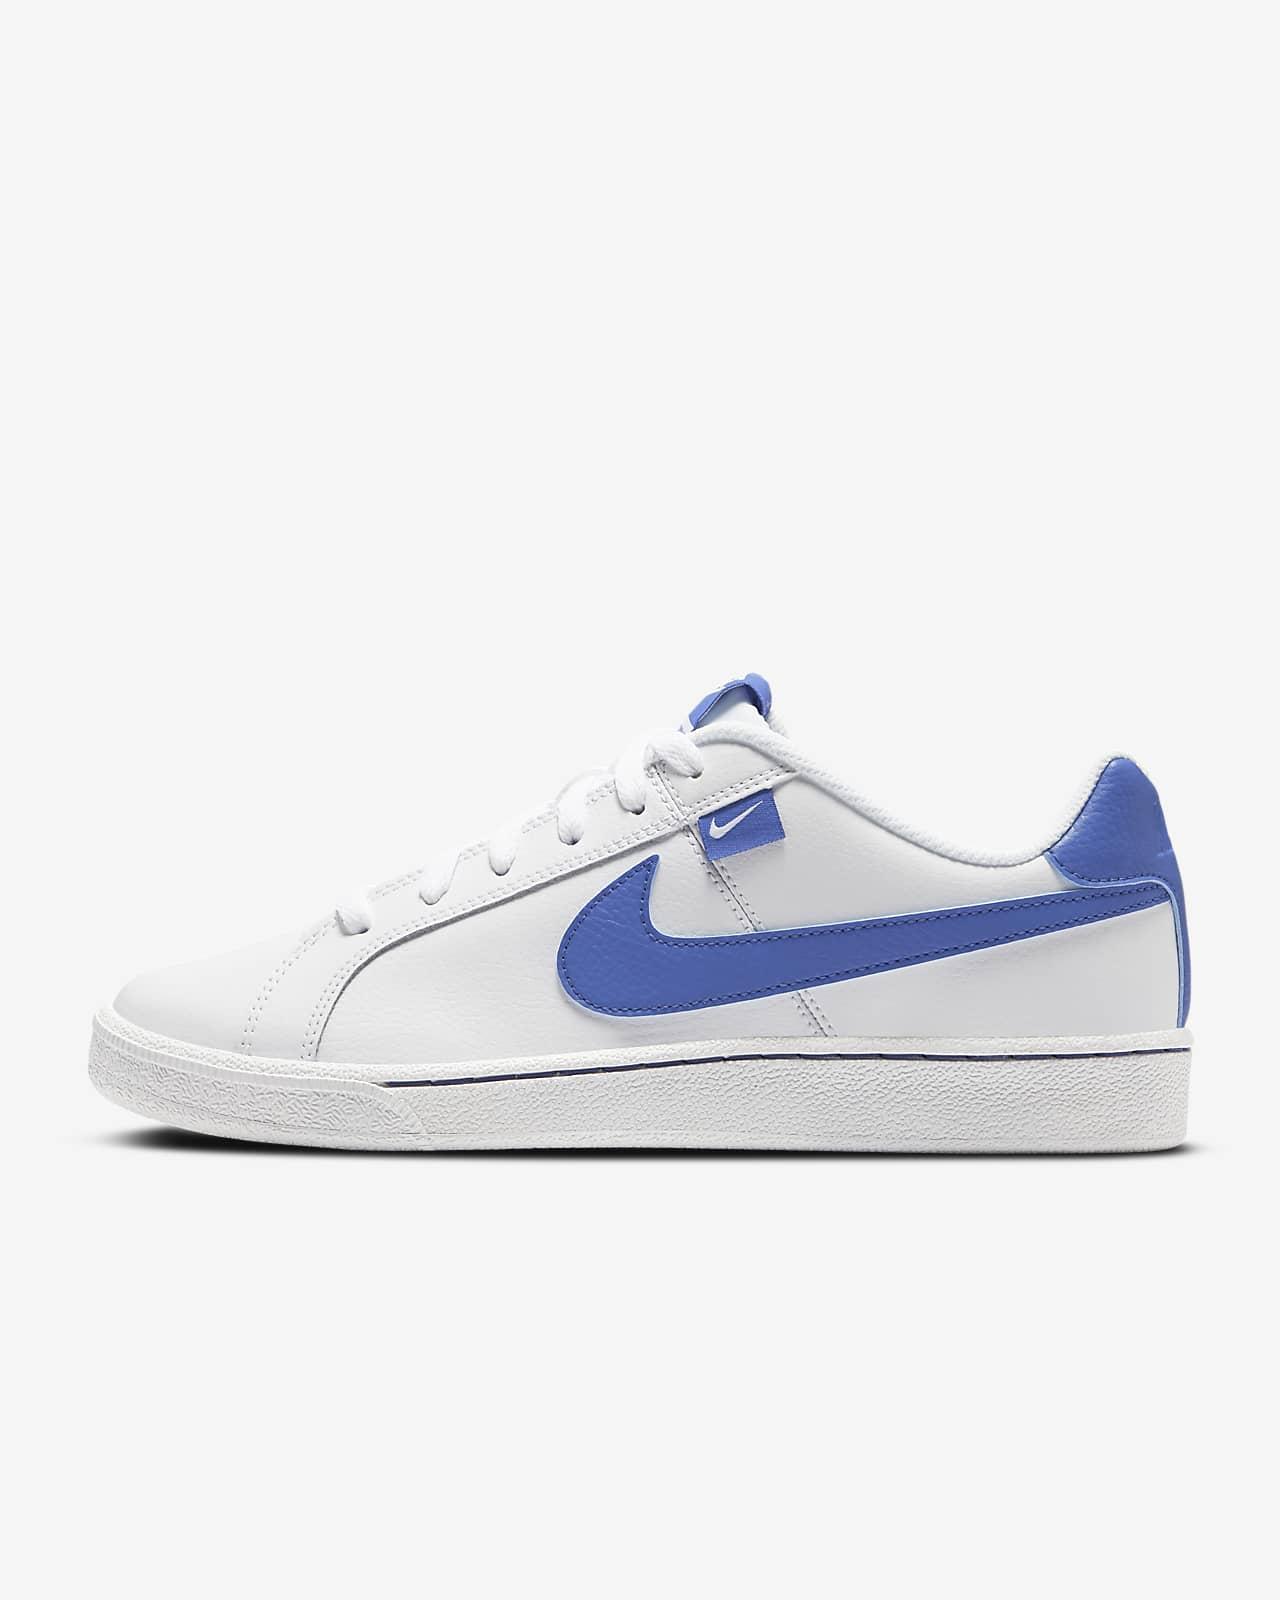 รองเท้าผู้ชาย Nike Court Royale Tab